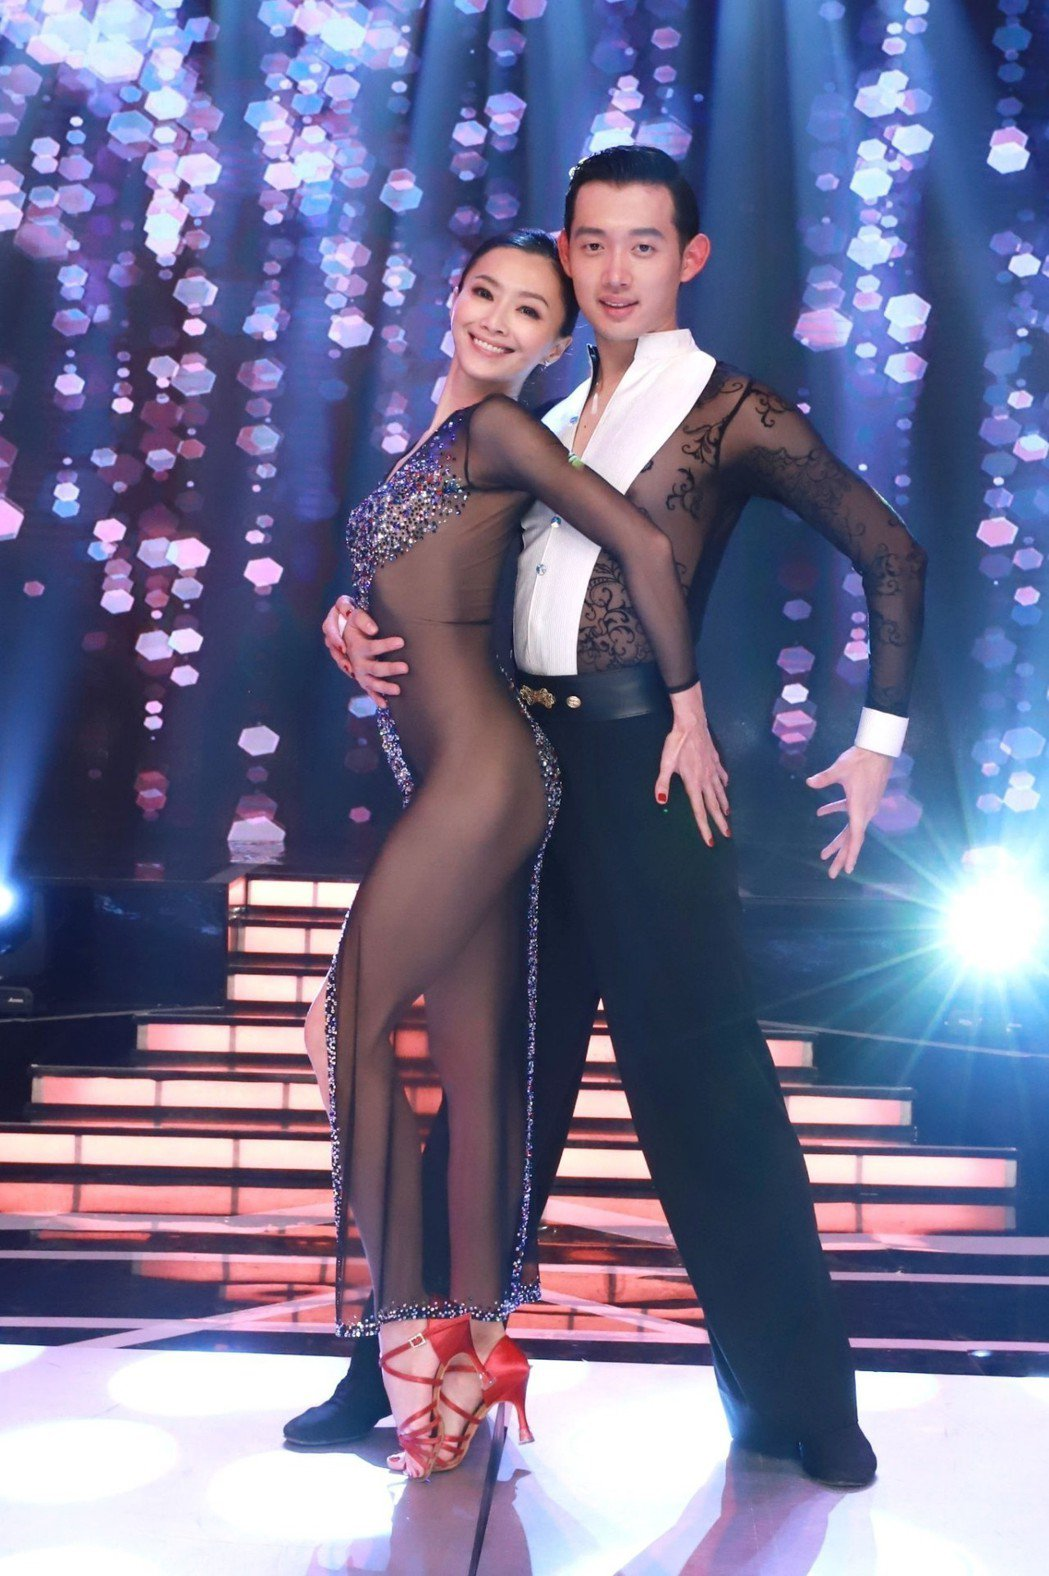 侯怡君(左)身穿透明舞衣,與男舞者激情共舞。圖/民視提供